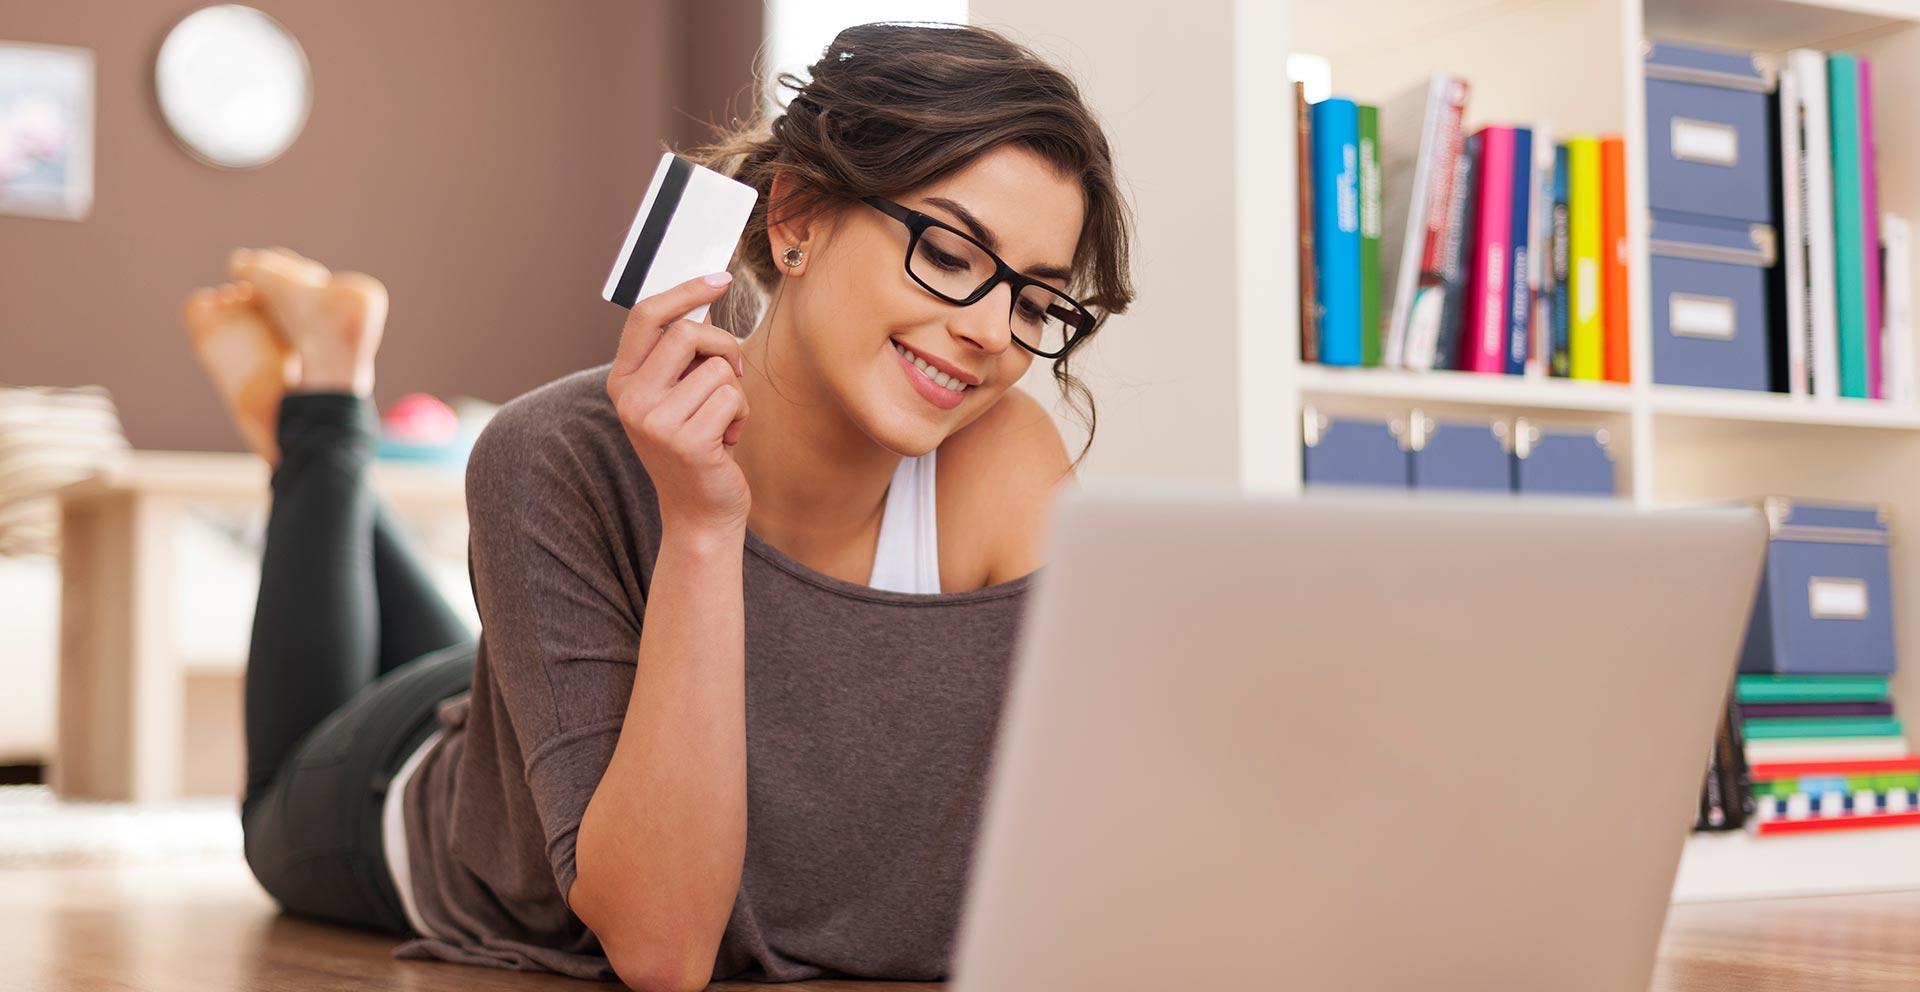 chica sacando un credito online en el acto